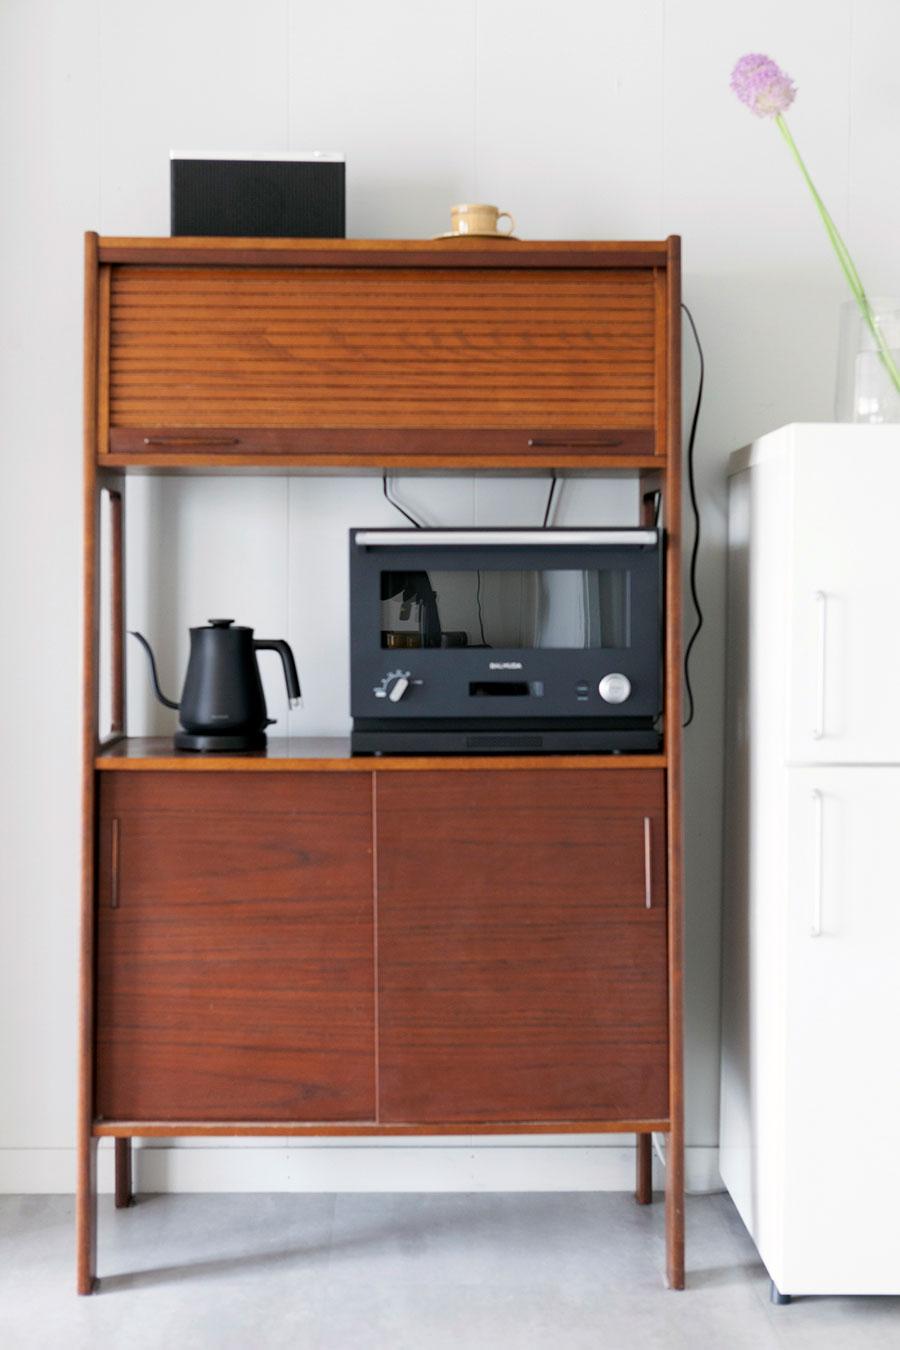 秋田木工のチェストはヤフオクで。「ネットオークションで家具を探すのが好きなんです」。